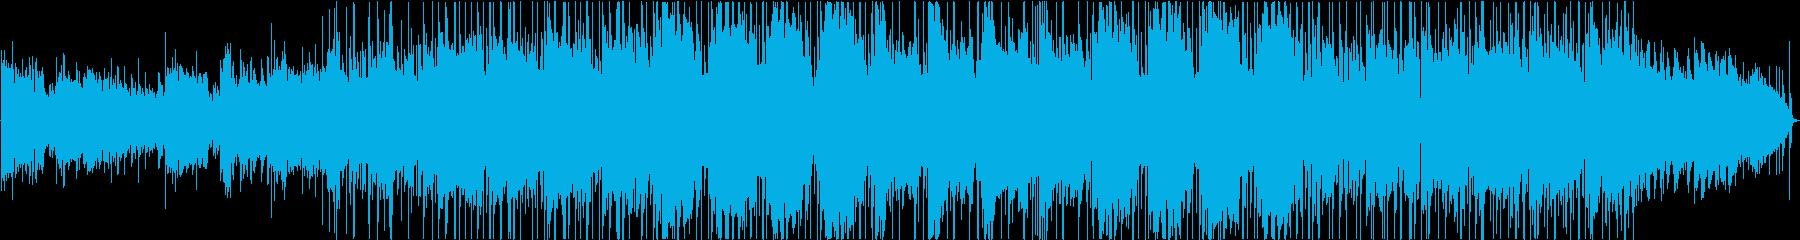 金属 緊張感 野生 ビンテージ エ...の再生済みの波形